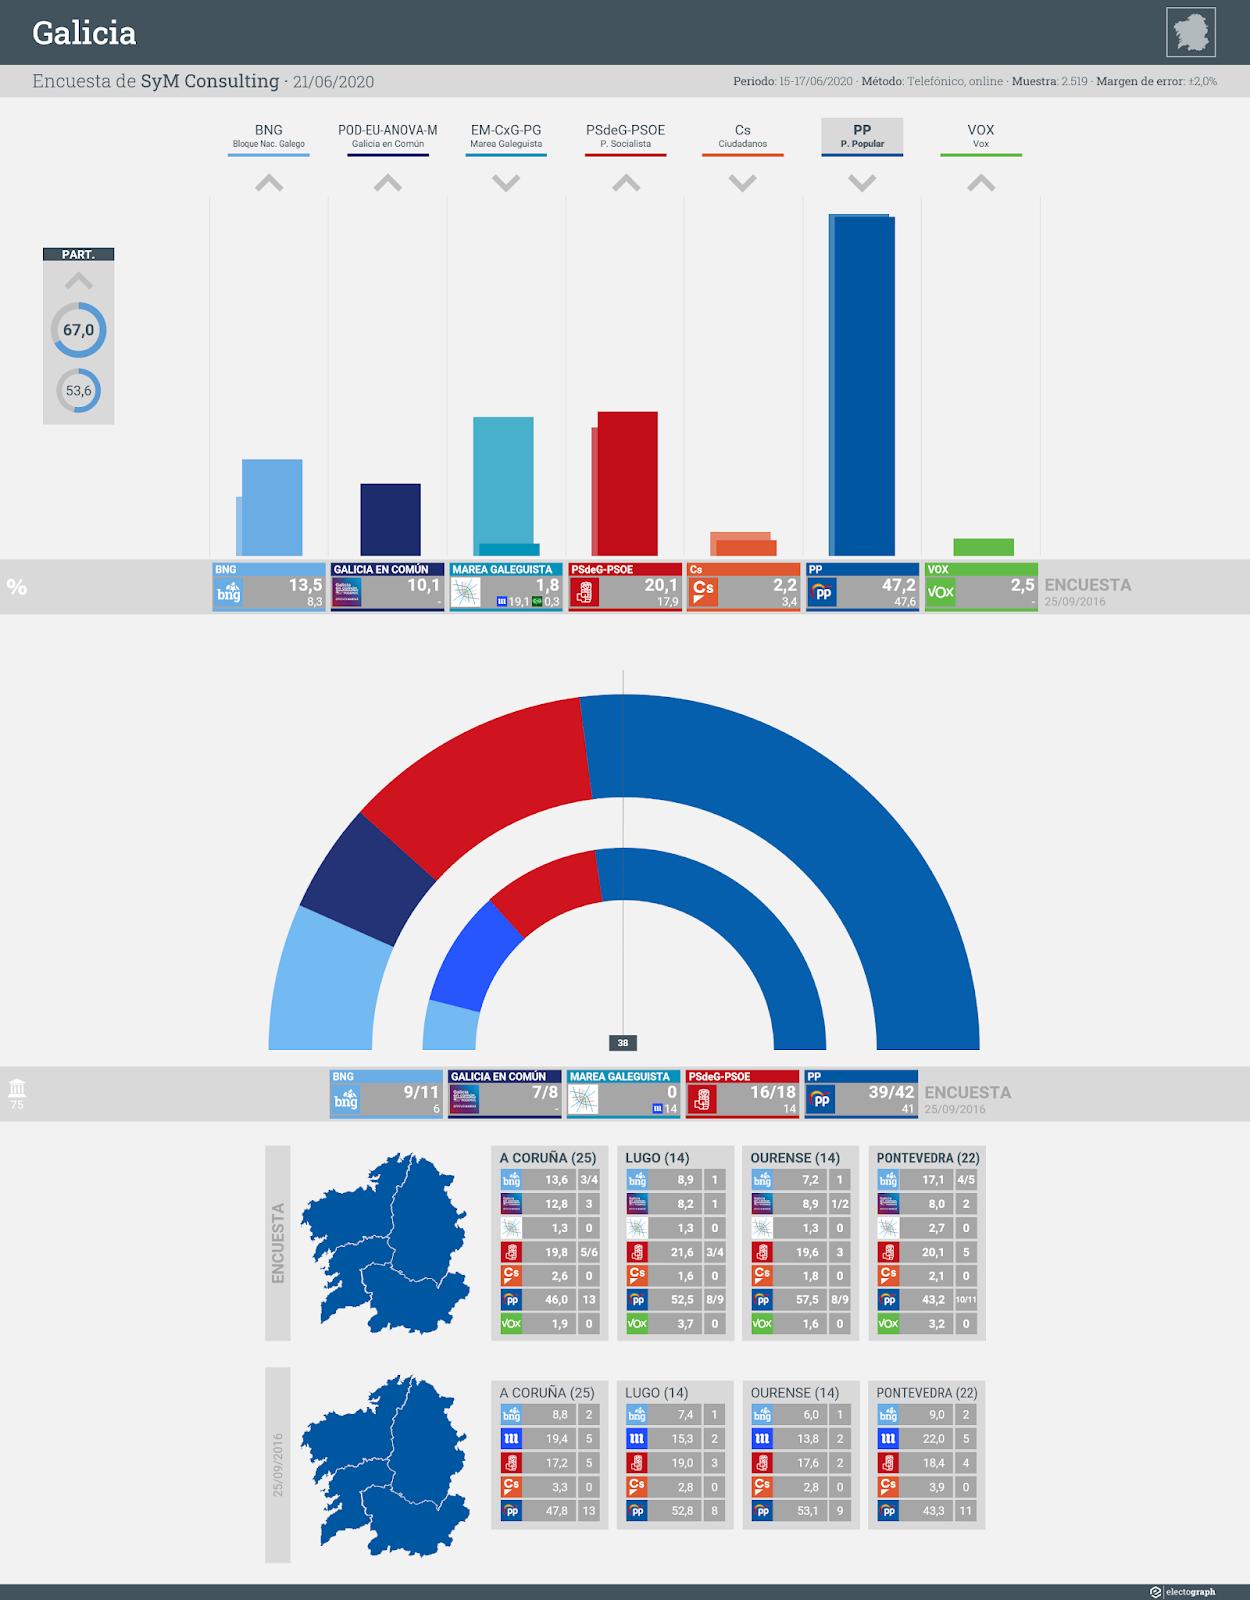 Gráfico de la encuesta para elecciones autonómicas en Galicia realizada por SyM Consulting, 21 de junio de 2020